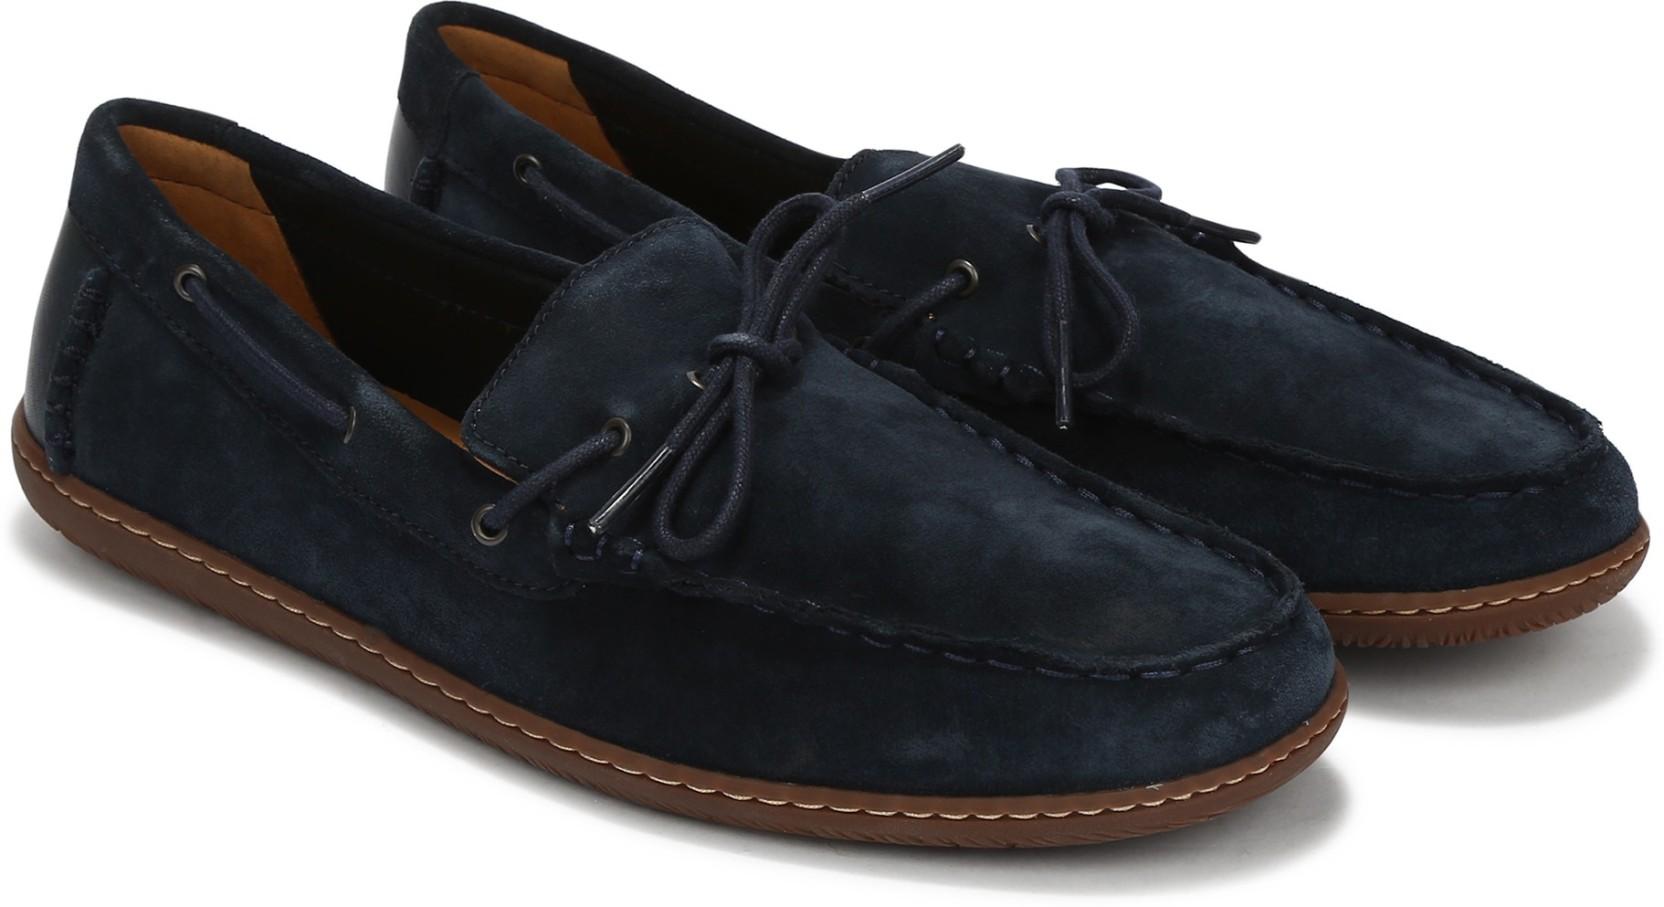 2834eaa6f12fa4 Clarks Saltash Edge Boat Shoes For Men - Buy Clarks Saltash Edge ...